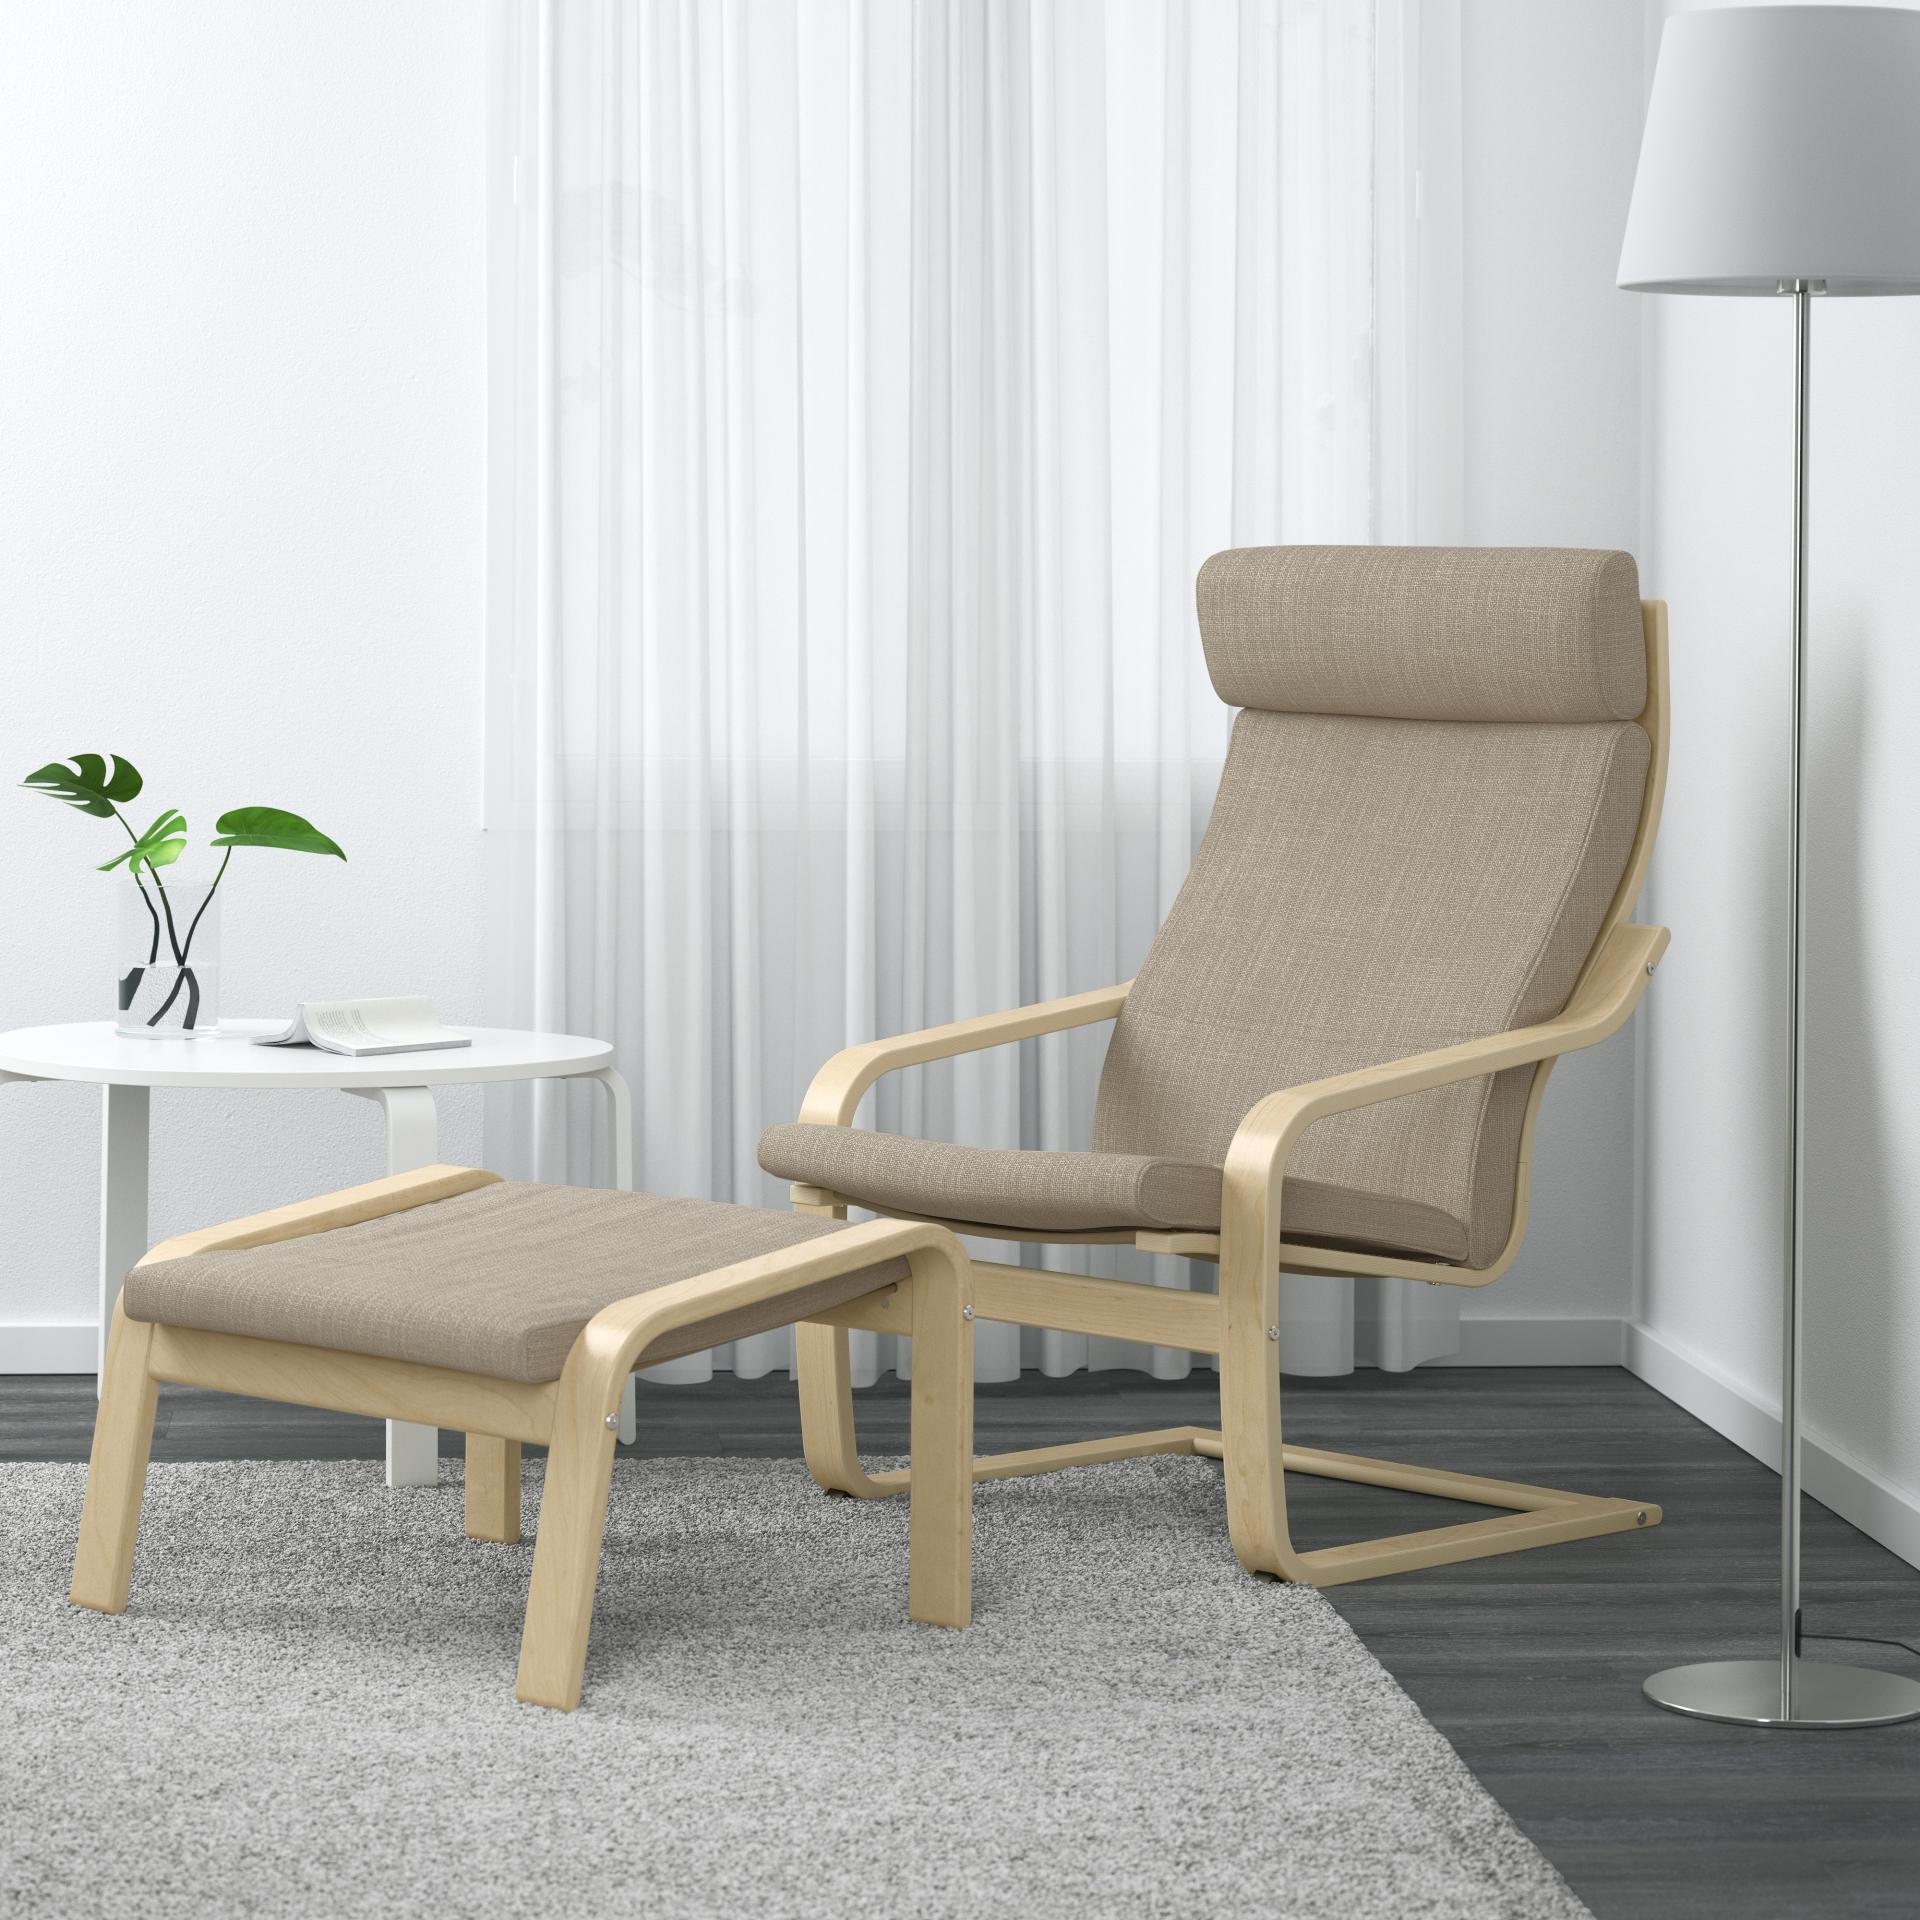 POÄNG扶手椅 椅凳